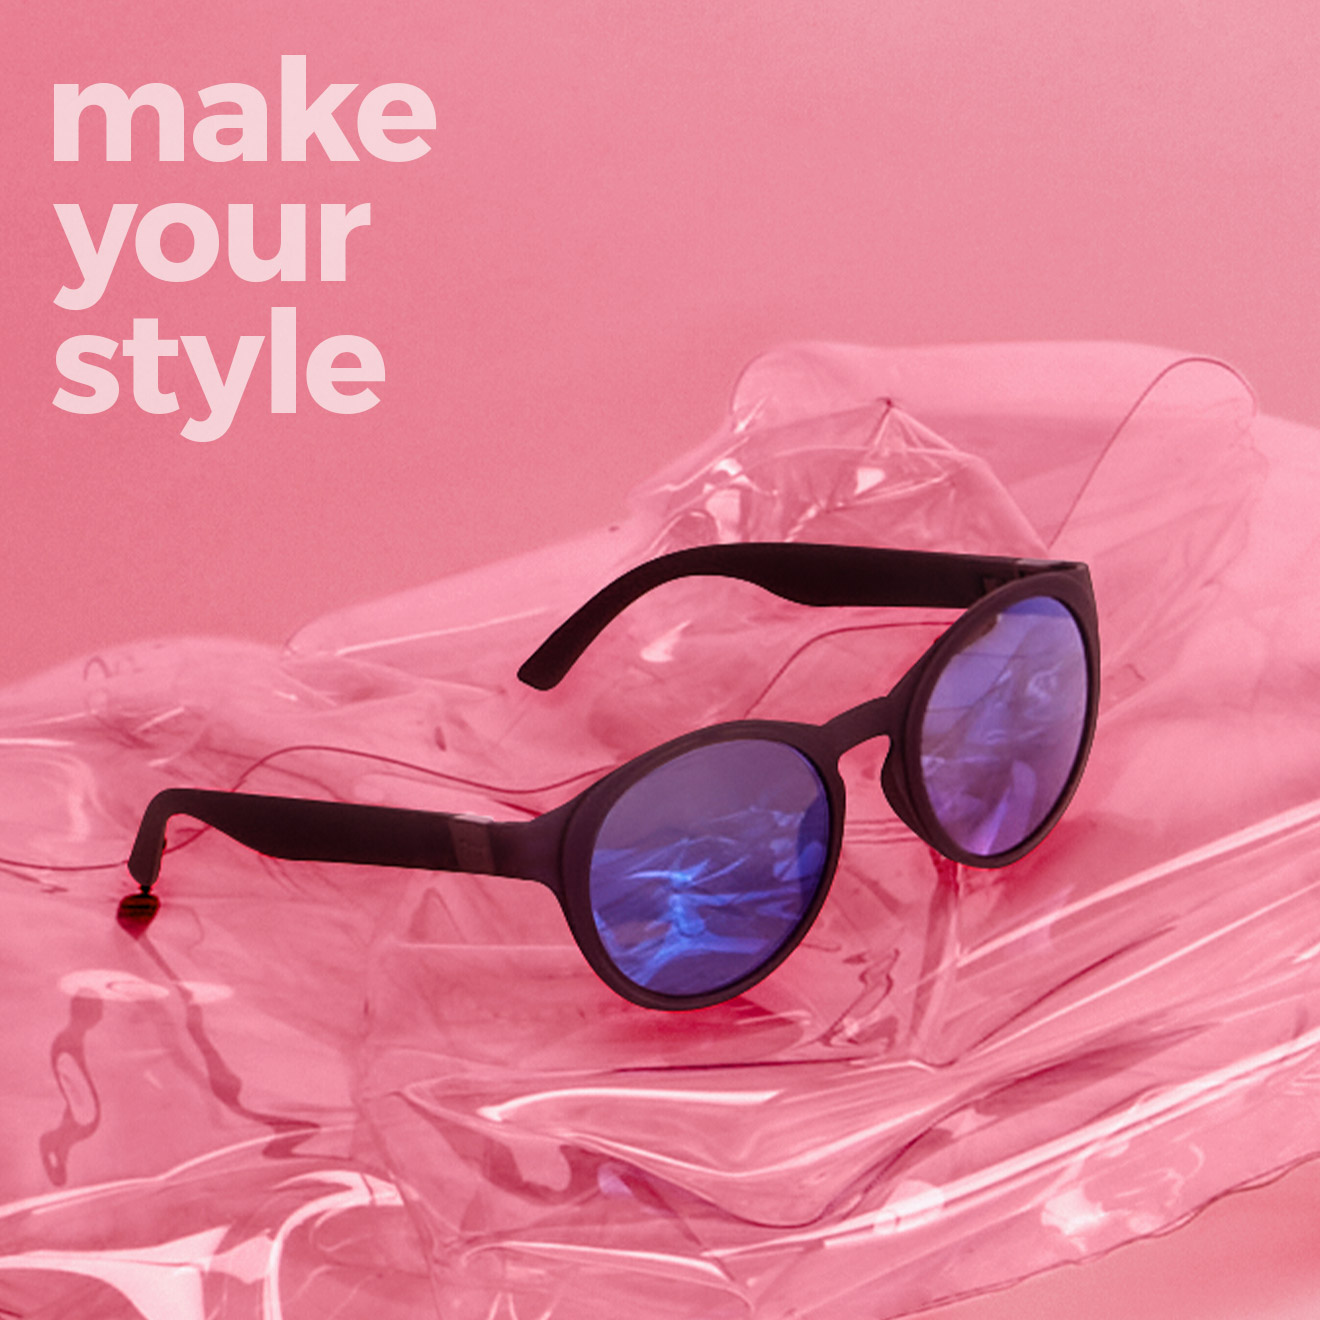 Міксуйте елементи, створюючи вашу комбінацію окулярів O sun